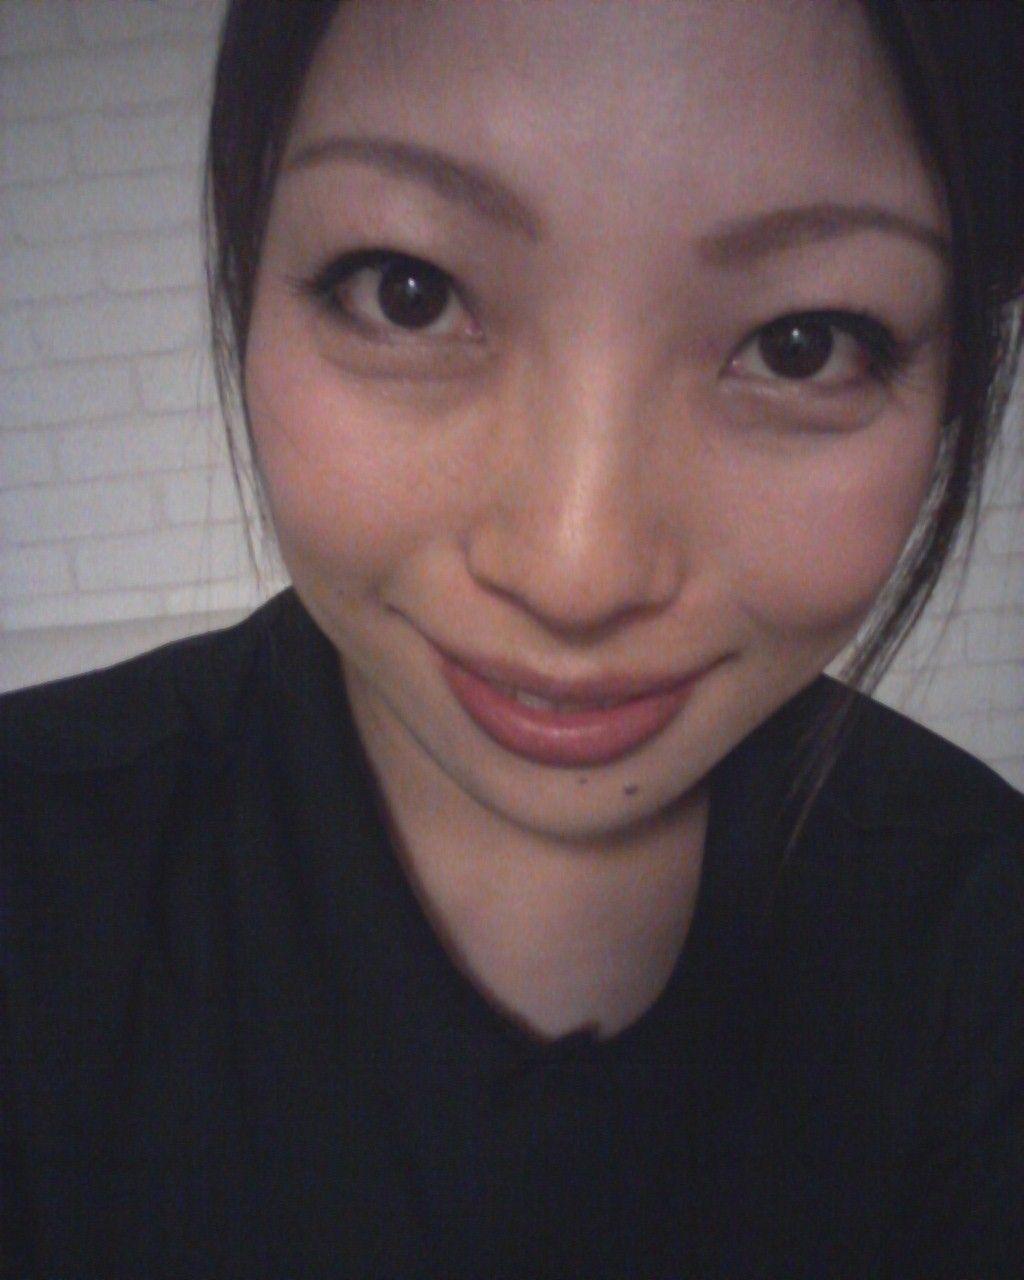 藍花 クリトリスピアス 明日から前のりして、広島のクラブカロンさんにまたお世話になりまーす。頑張るー。。明日は、早めに行って、観光しちゃおー楽しみー. 藍花「aica」